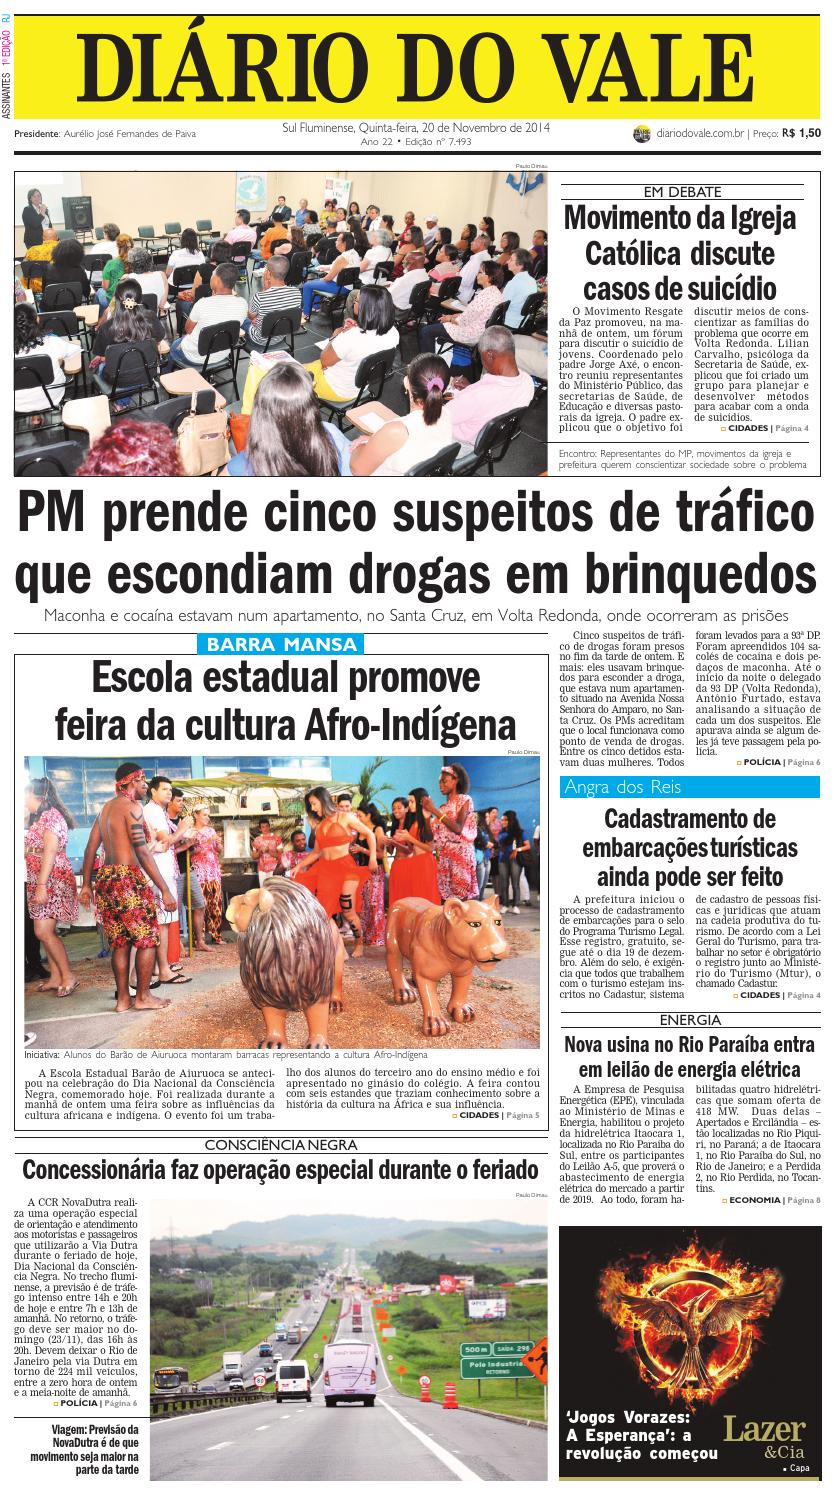 7493 diario quinta feira 20 11 2014 by Diário do Vale - issuu dca54ea7416